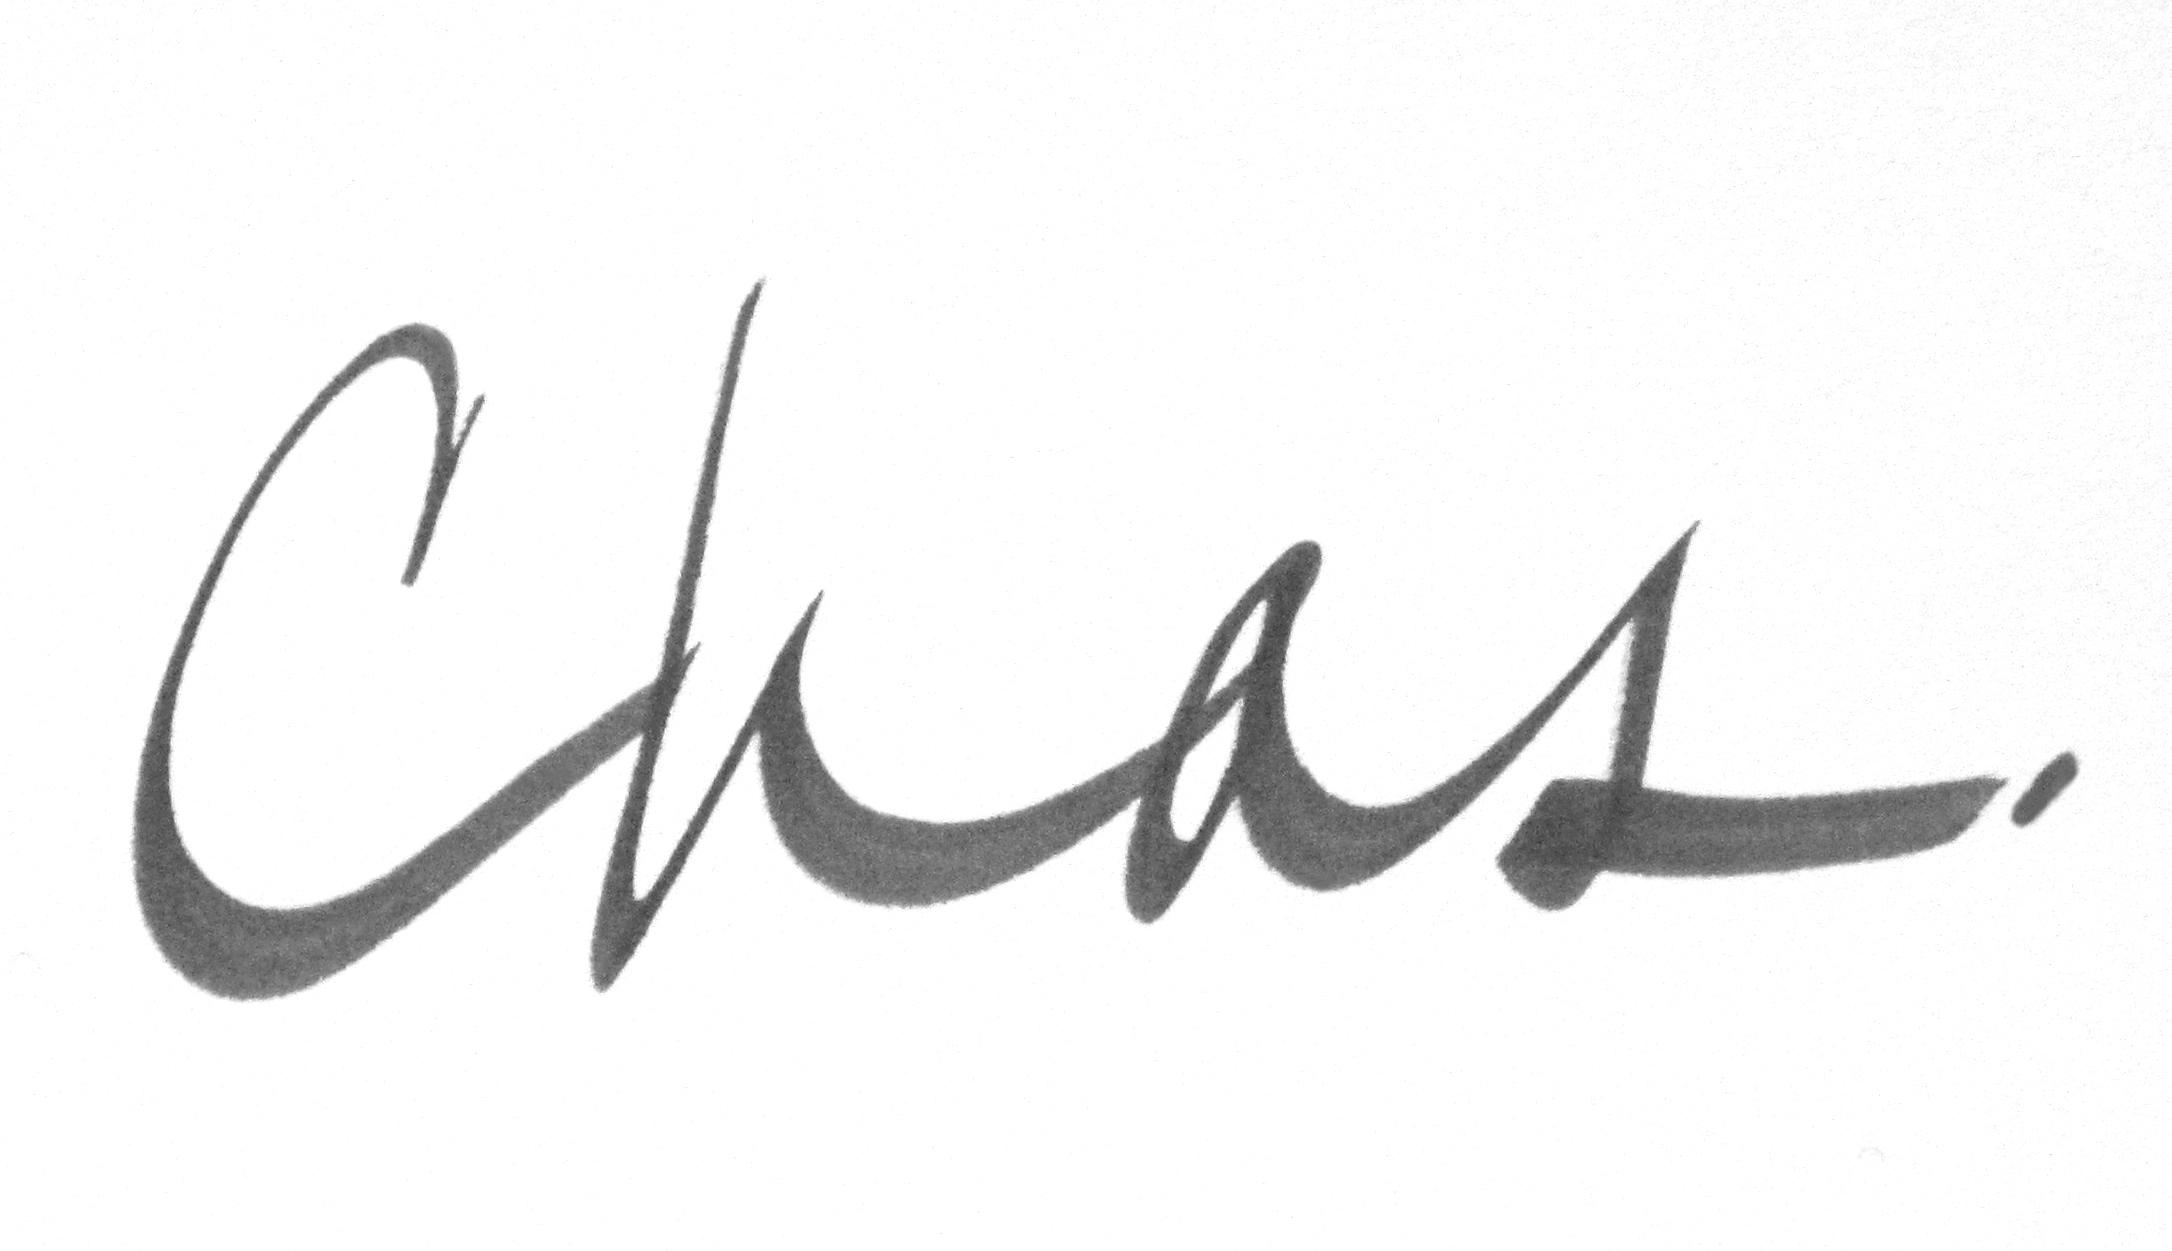 Charles Steele's Signature